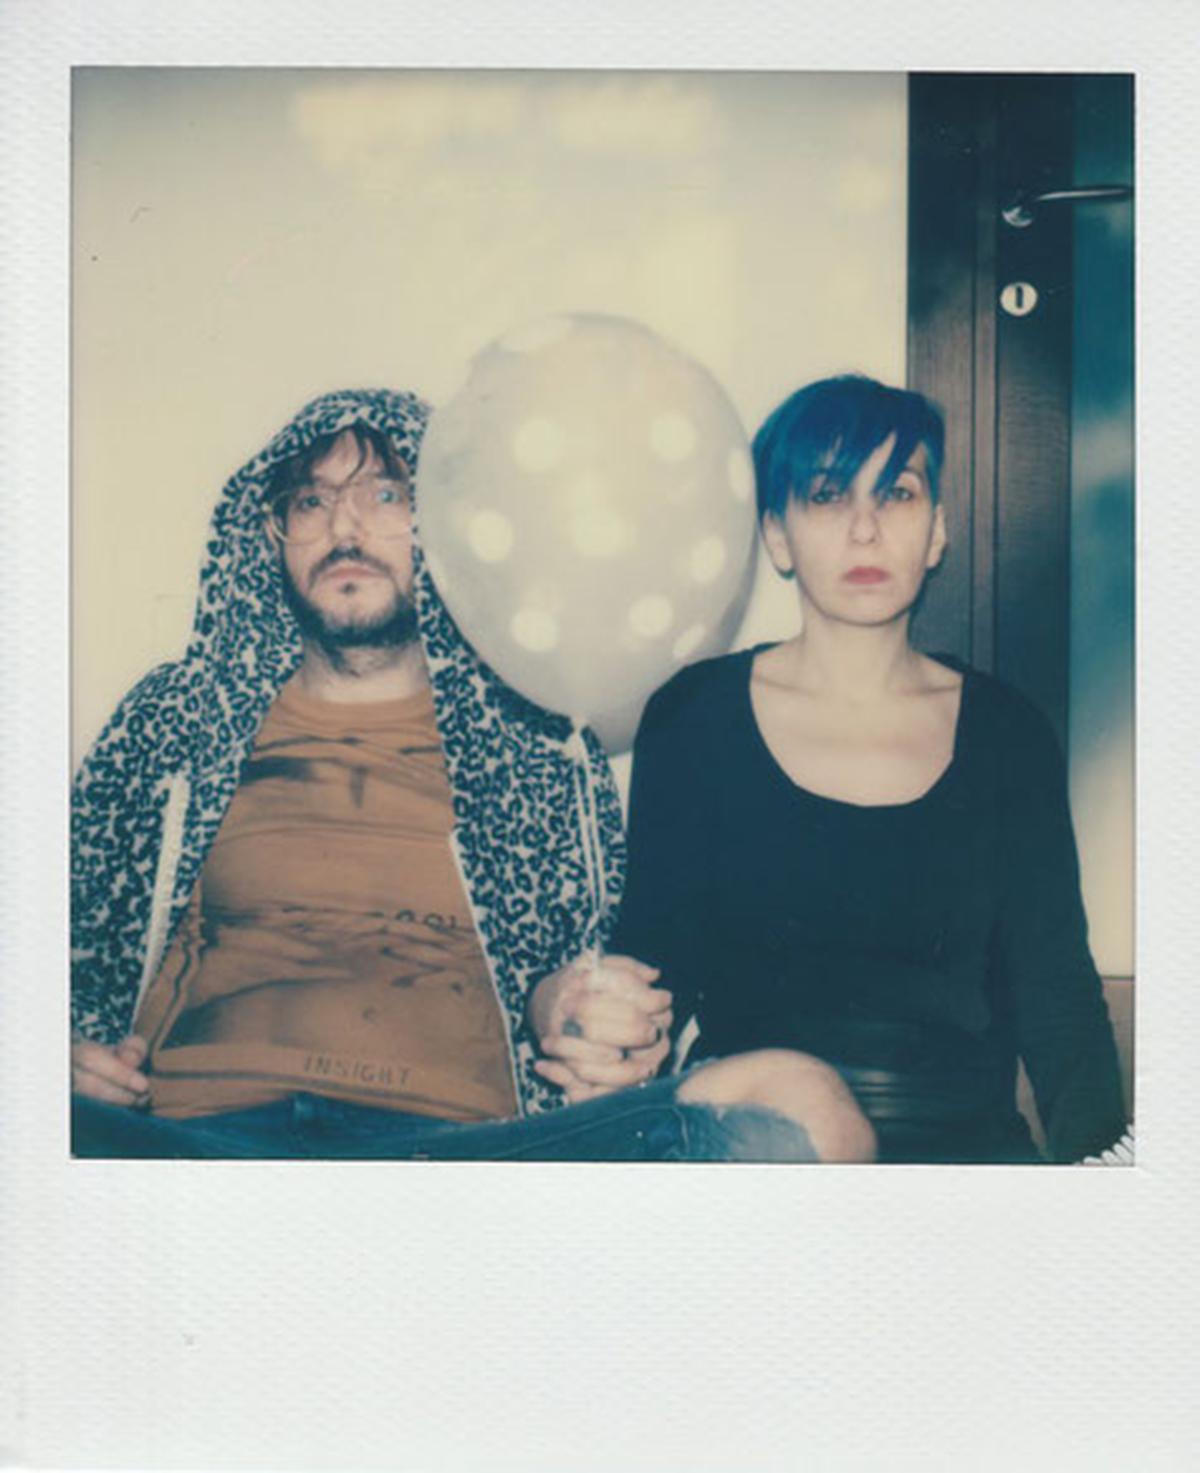 Fausto Serafini e Alessandra Pace 6 - fanzine